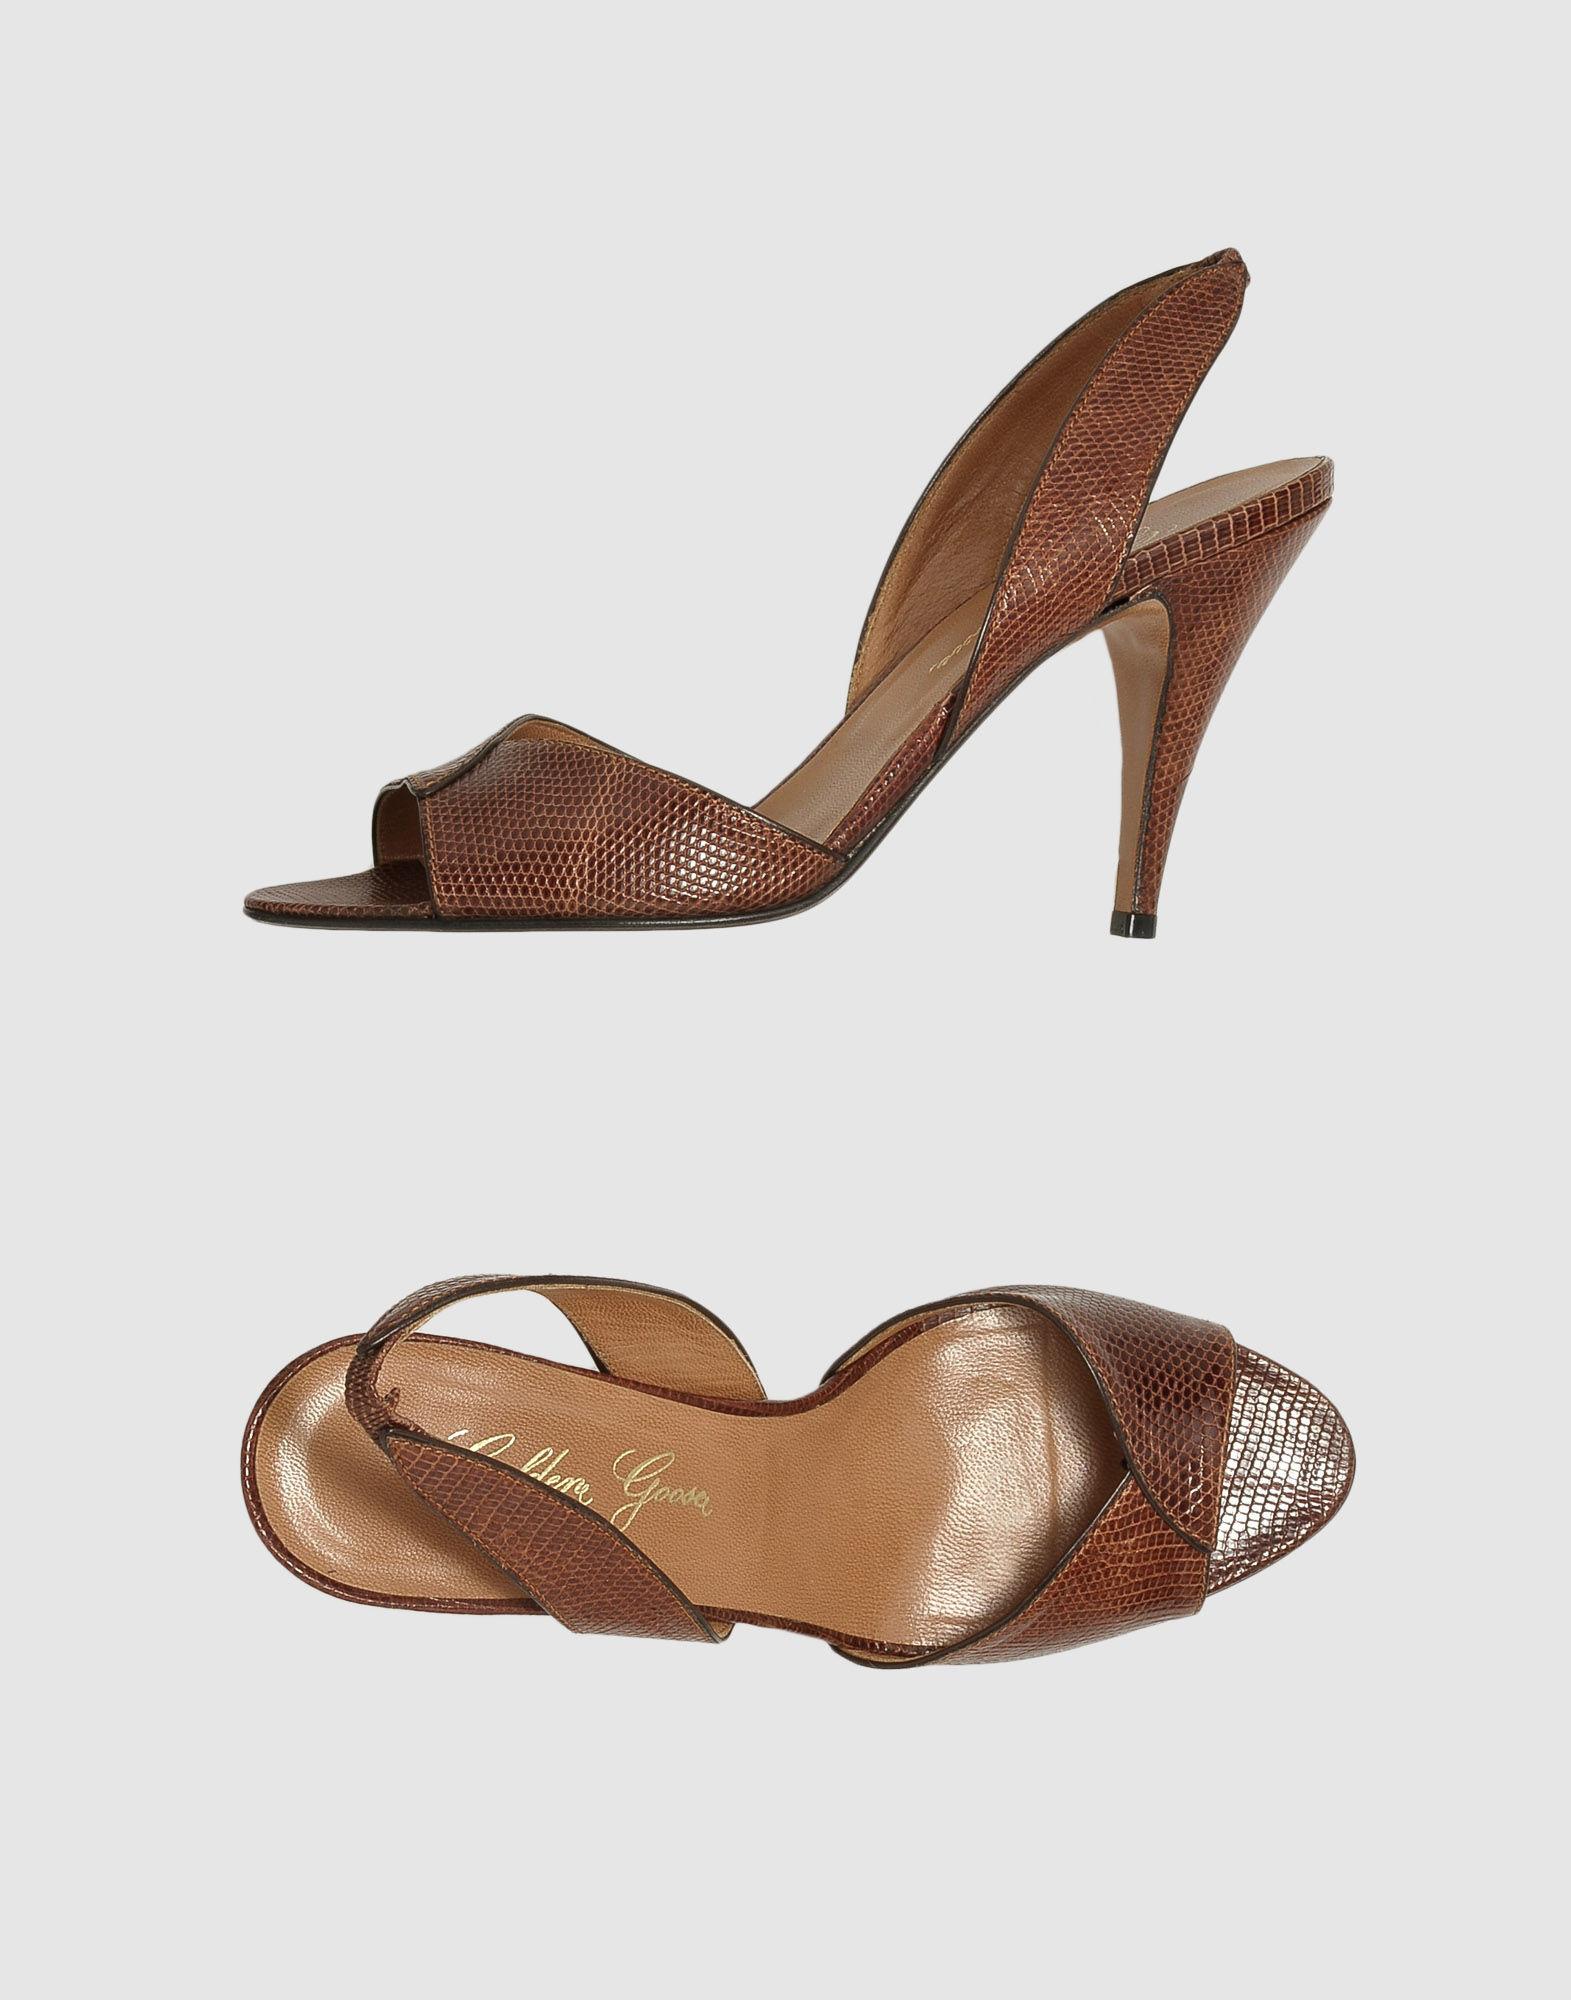 GOLDEN GOOSE DELUXE BRAND Босоножки на каблуке цены онлайн